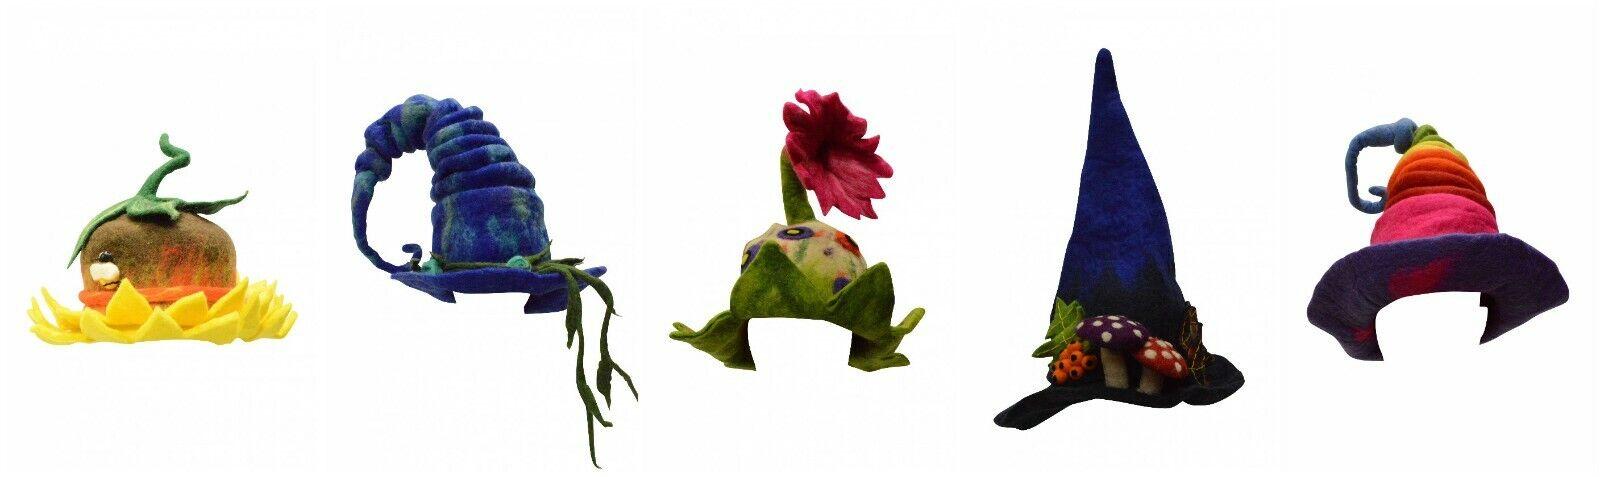 Hecho a Mano de Moda Fieltro Fantasy Sombrero Bruja Mágico Tendencia Maravillas